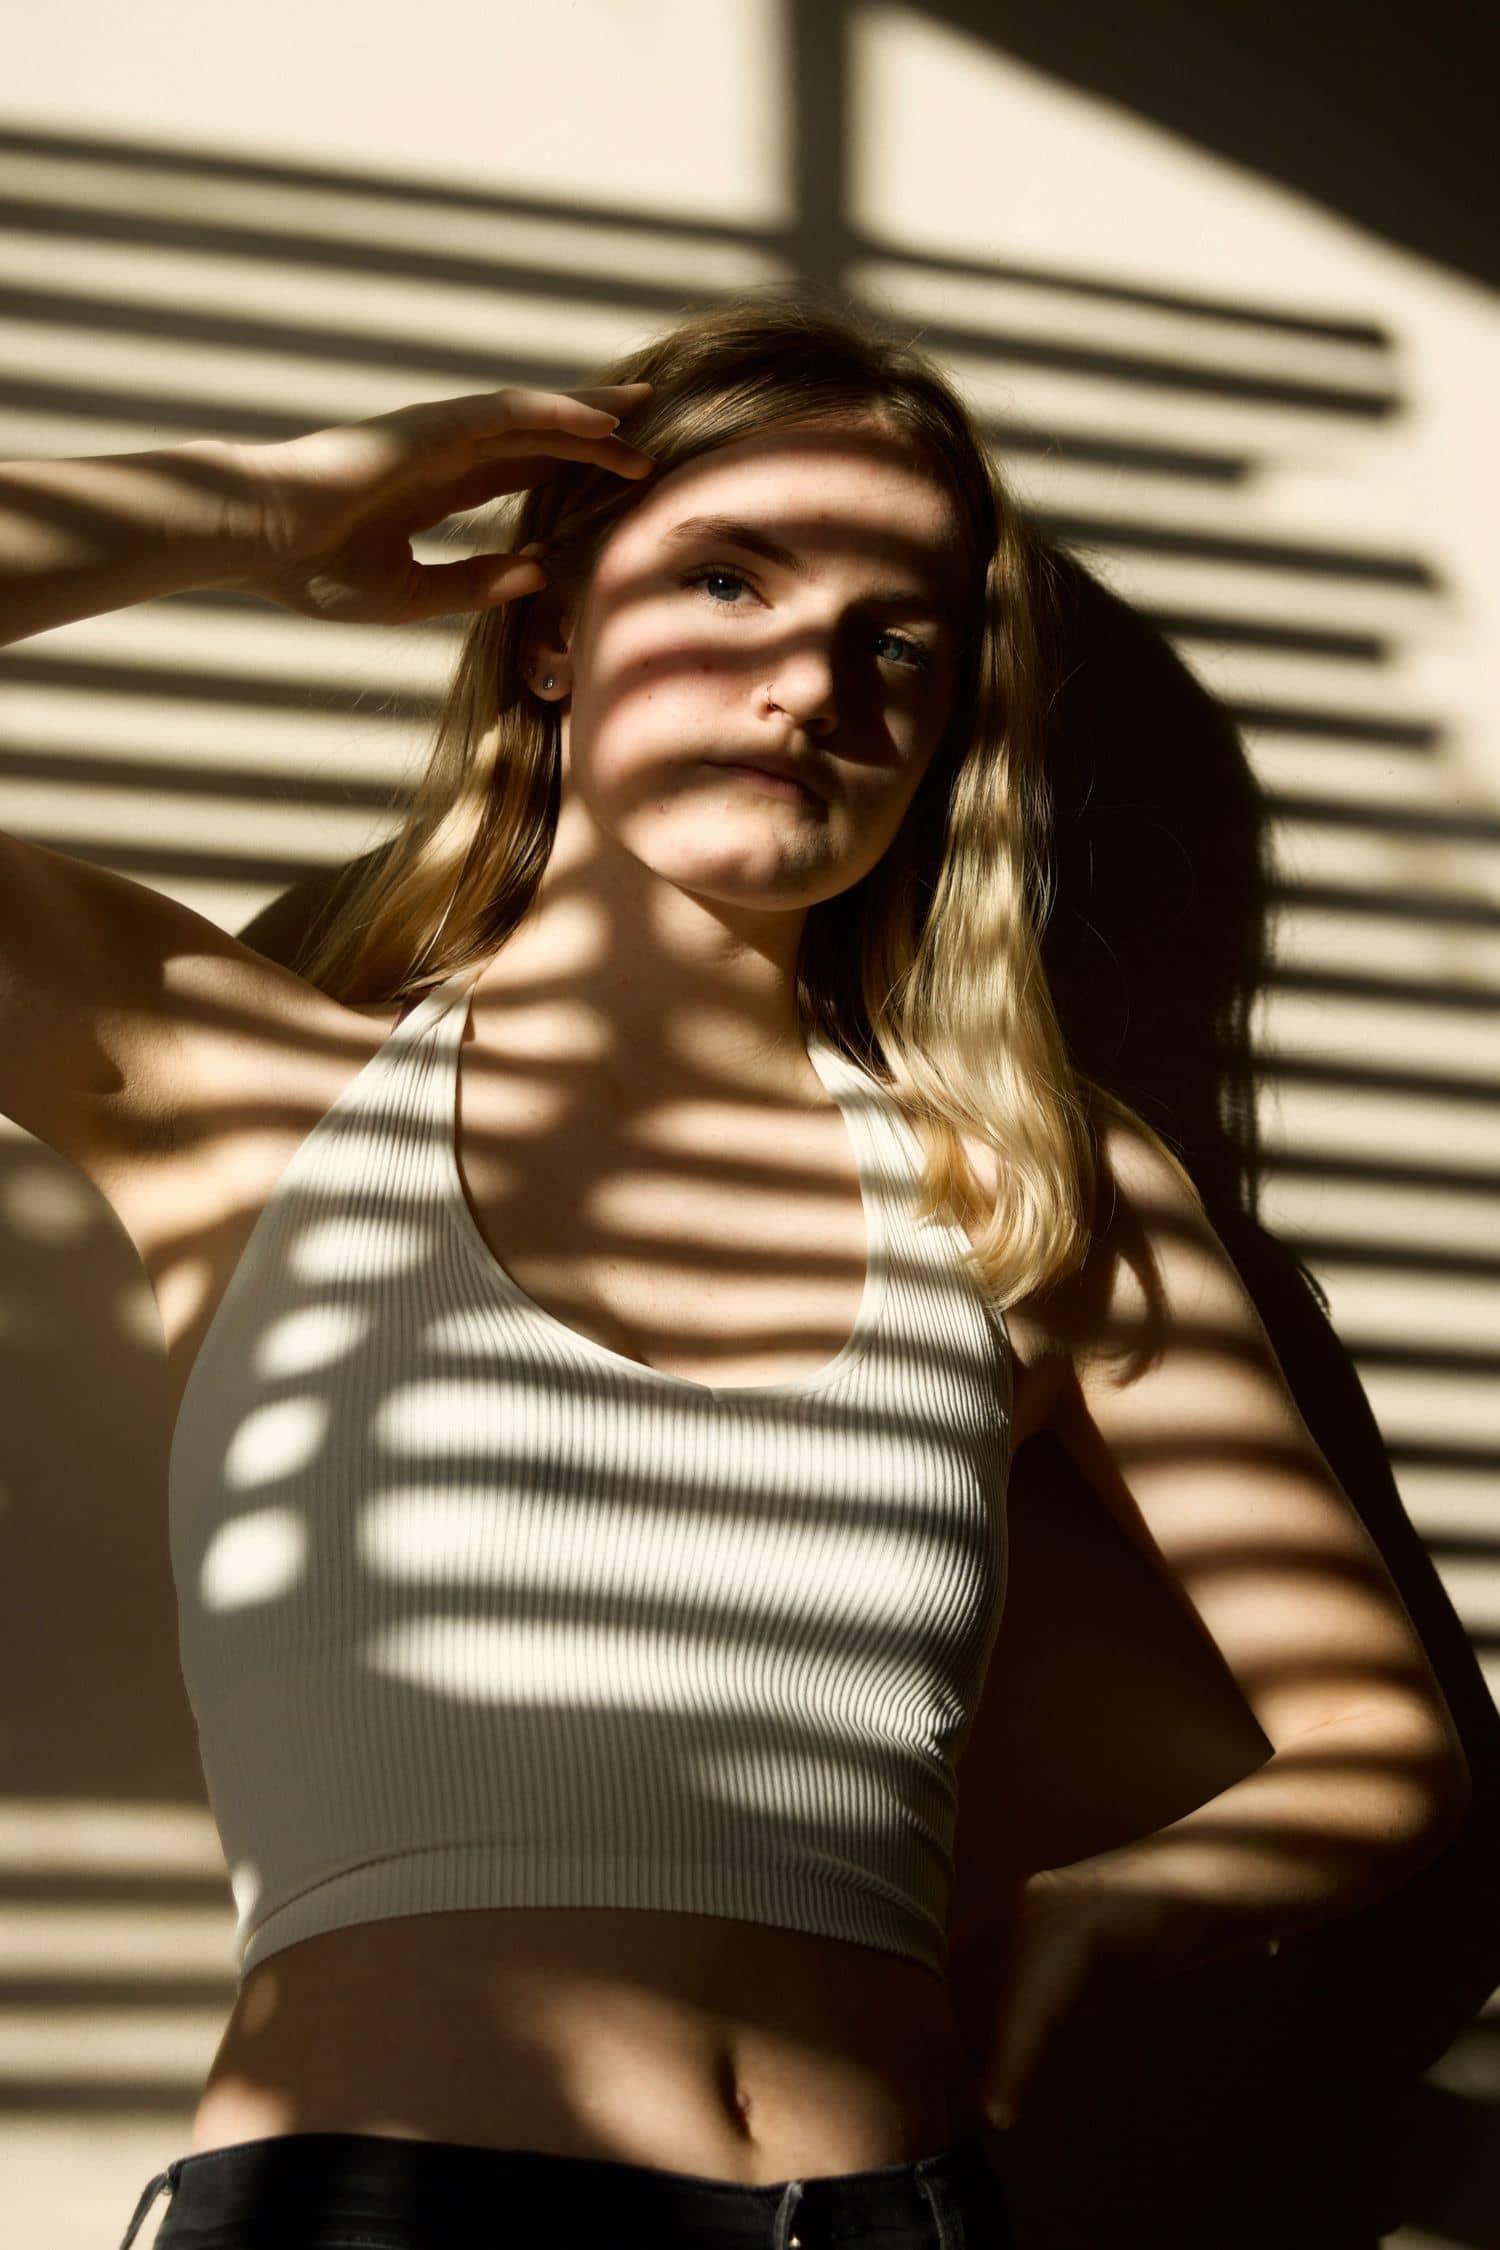 Retrato con sombras de la ventana